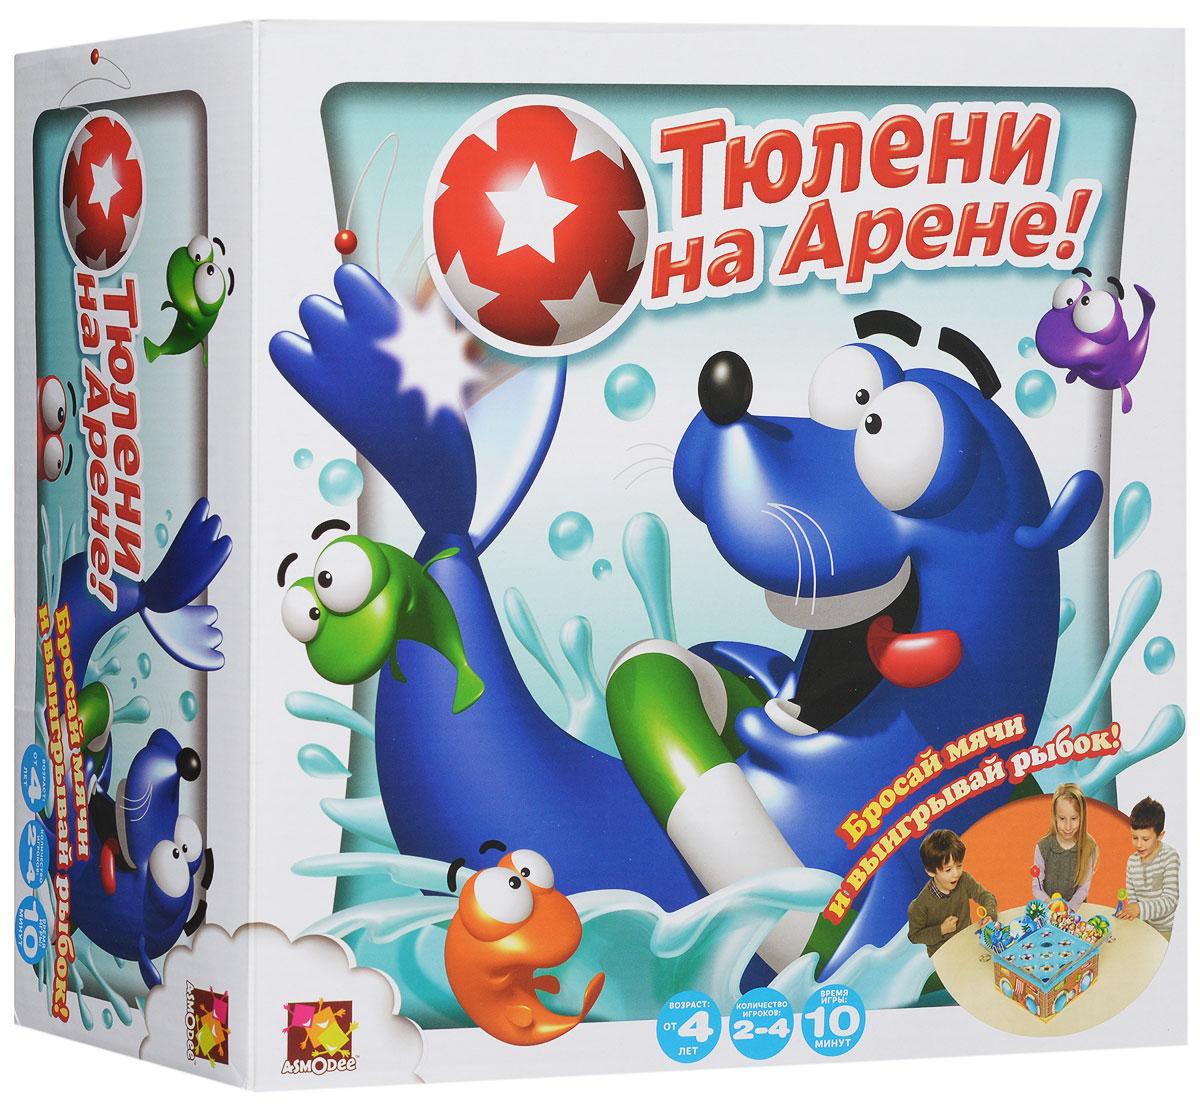 Asmodee Настольная игра Тюлени на аренеJact08RUС бассейне тюленей мячи летают во всех направлениях! Кто окажется самым ловким, попадая мячами в спасательные круги, и получит больше рыбок? Настольная игра Asmodee Тюлени на арене обязательно привлечет внимание всей семьи. Чтобы победить в этой игре, ребенку надо будет собрать как можно больше рыбок. С помощью фигурки в виде тюленя с кольцом участник игры должен будет хорошо прицелиться и выстрелить так, чтобы мяч упал на спасательный круг, под которым и прячутся рыбки. Игровое поле выполнено в виде бассейна с отверстиями. Внутри поля скрывается тюлень с пружинным механизмом. Если мяч не упадет на спасательный круг с рыбками, то он проваливается в бассейн и выкатывается сбоку. Настольная игра Asmodee Тюлени на арене - это веселая игра для всей семьи, которая помогает развить глазомер и координацию движений.